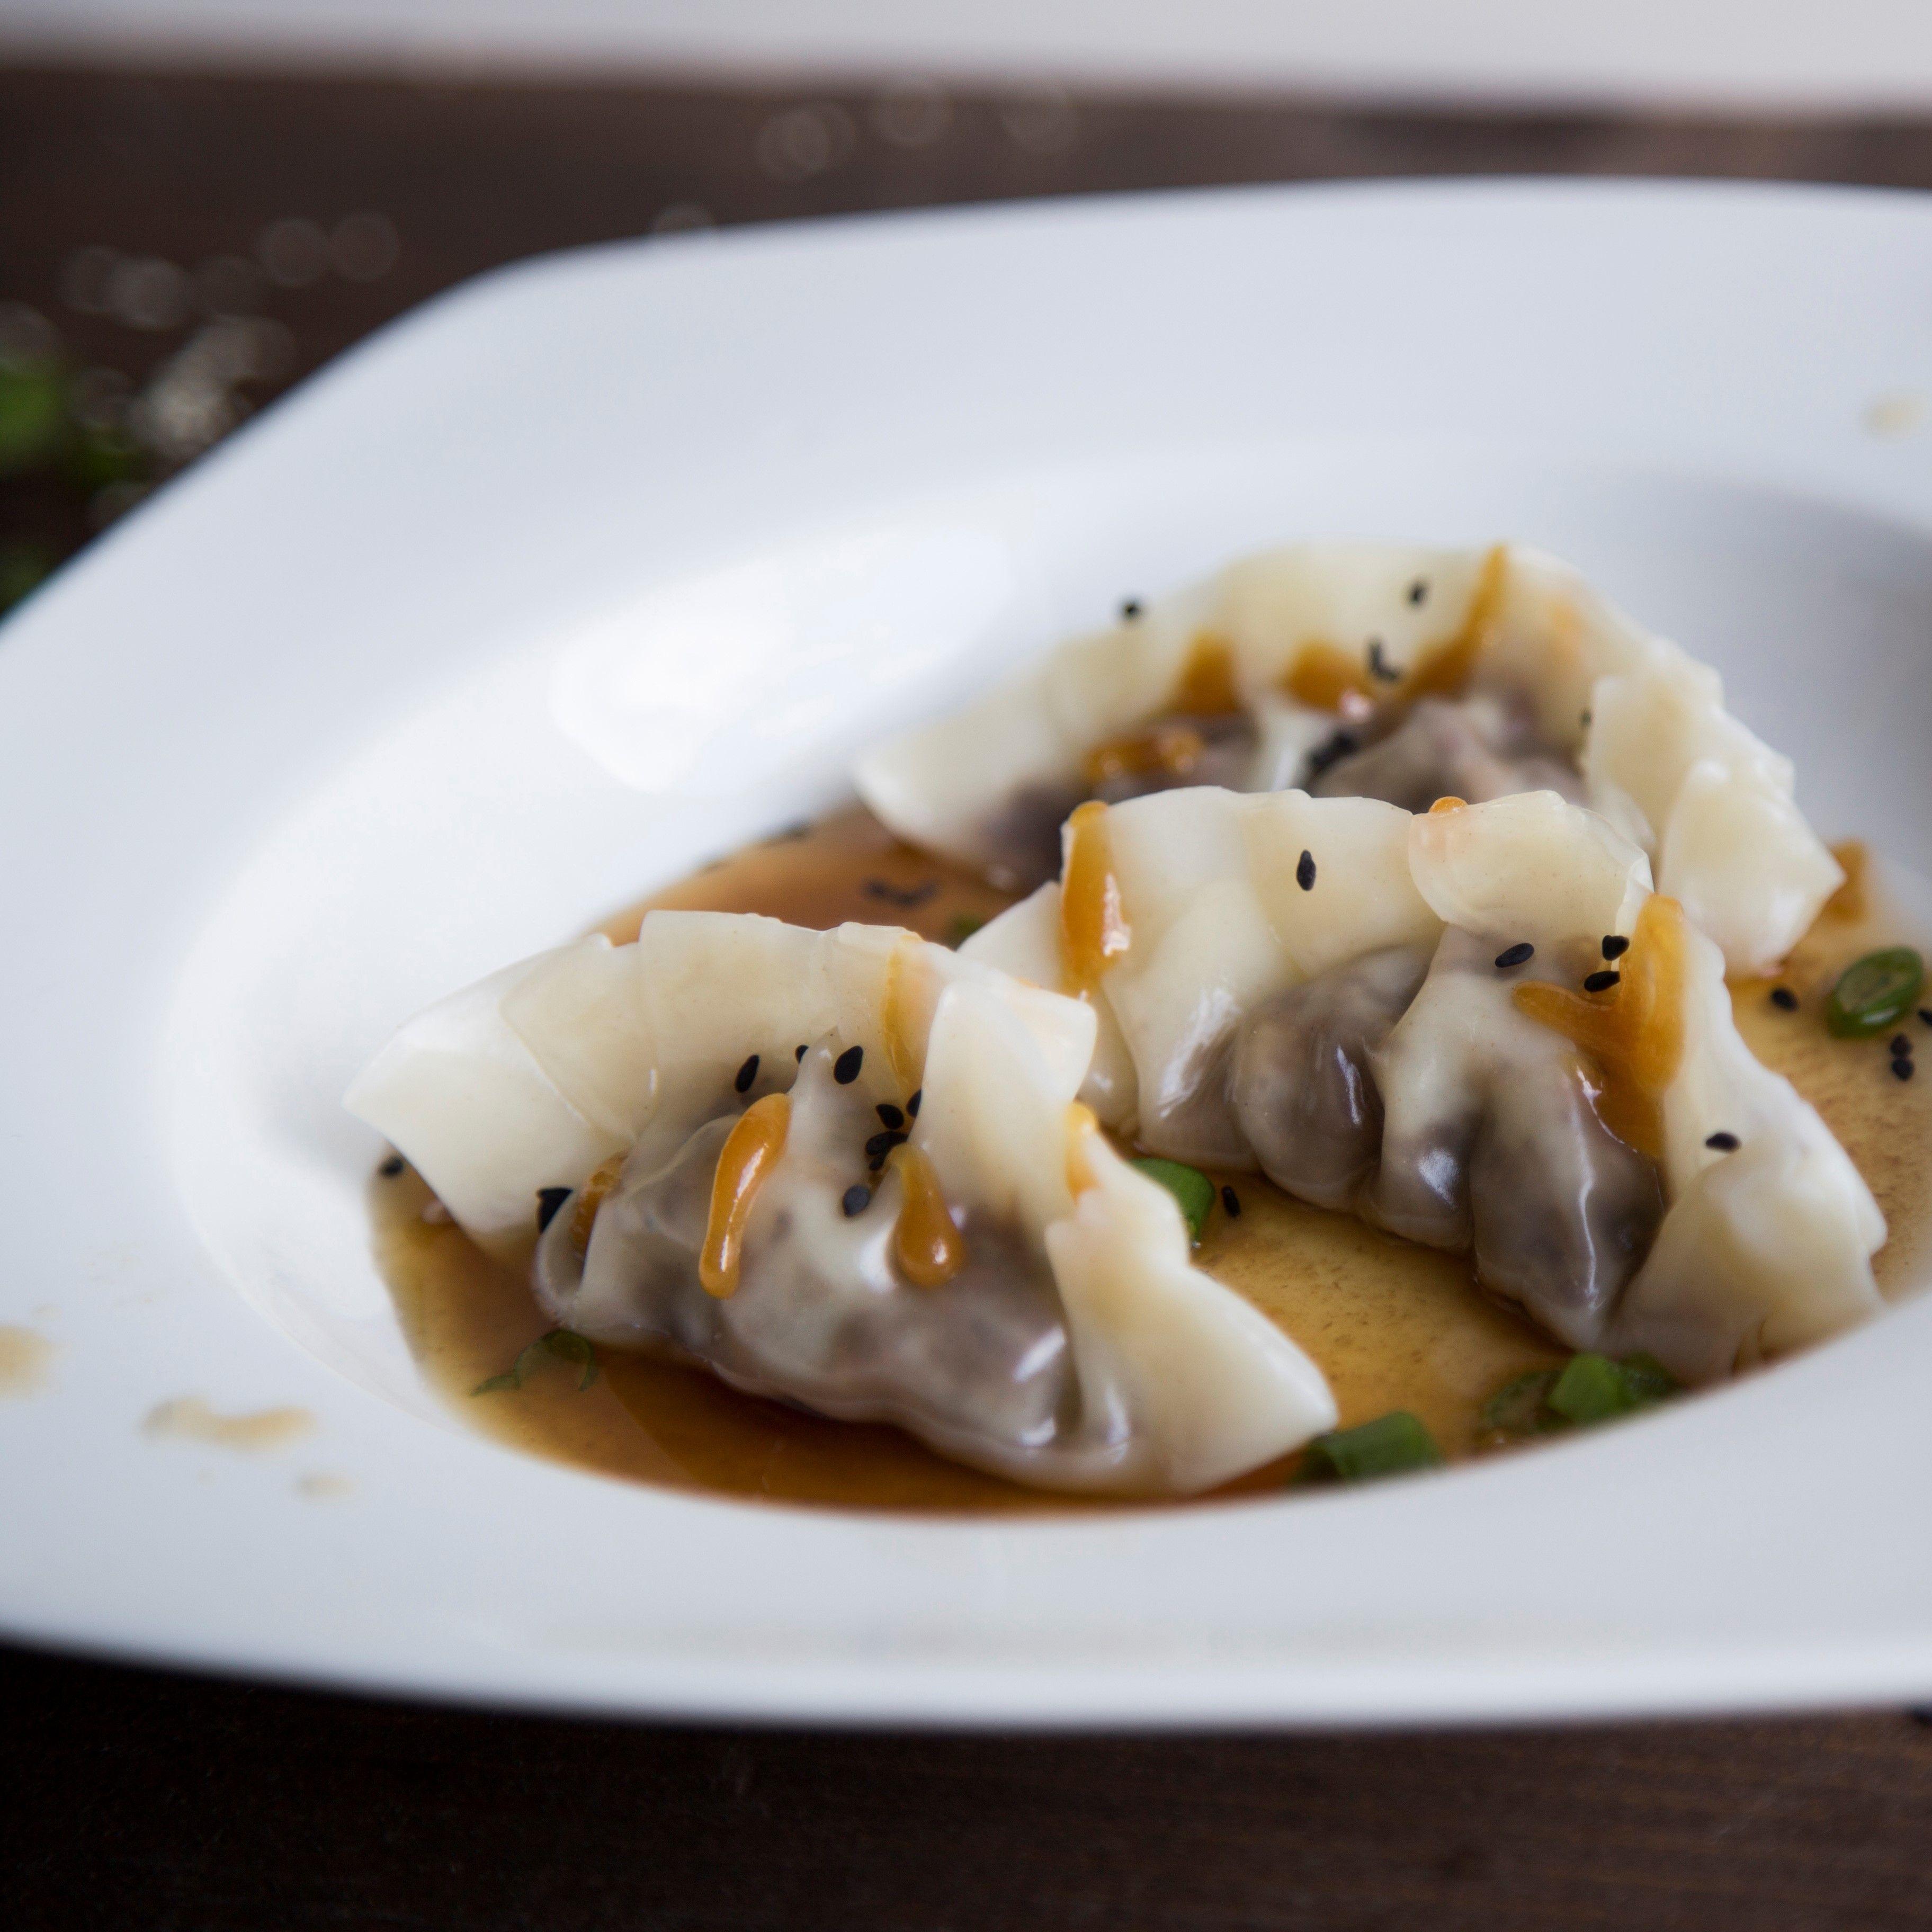 Concours de cuisine : Dumplings au canard confit à la bière Weizenbock de LTM et aux épices, bouillon léger à l'eau d'érable infusé à la vanille et caramel de Weizenbock  Par Tommy Dion, fondateur de Cuisinomane